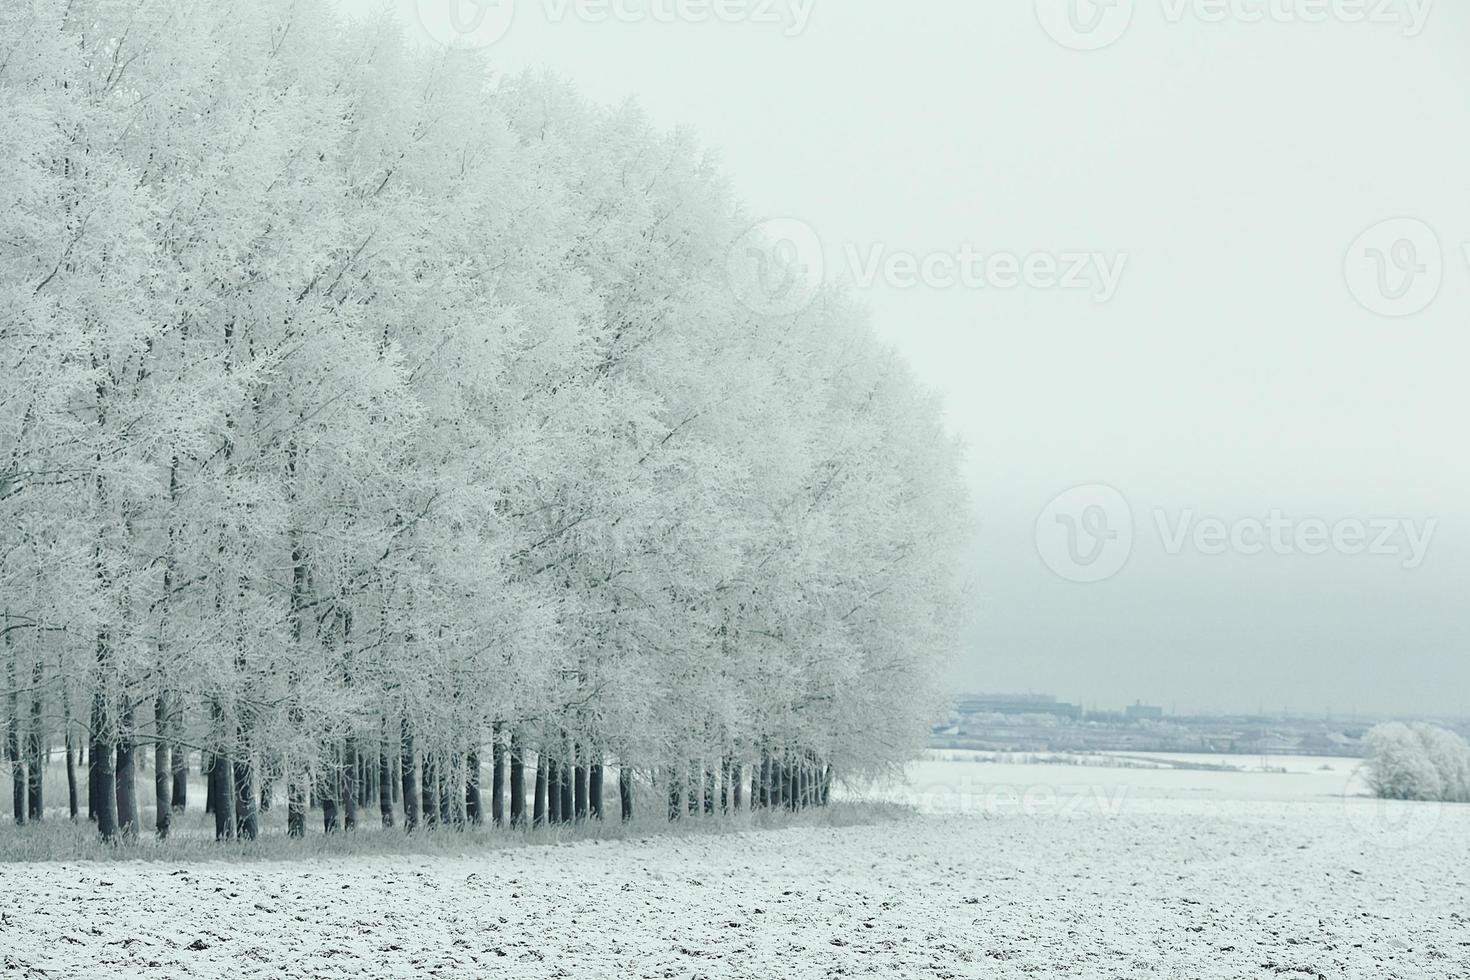 schneebedeckte Winterstraße in einem Feld foto